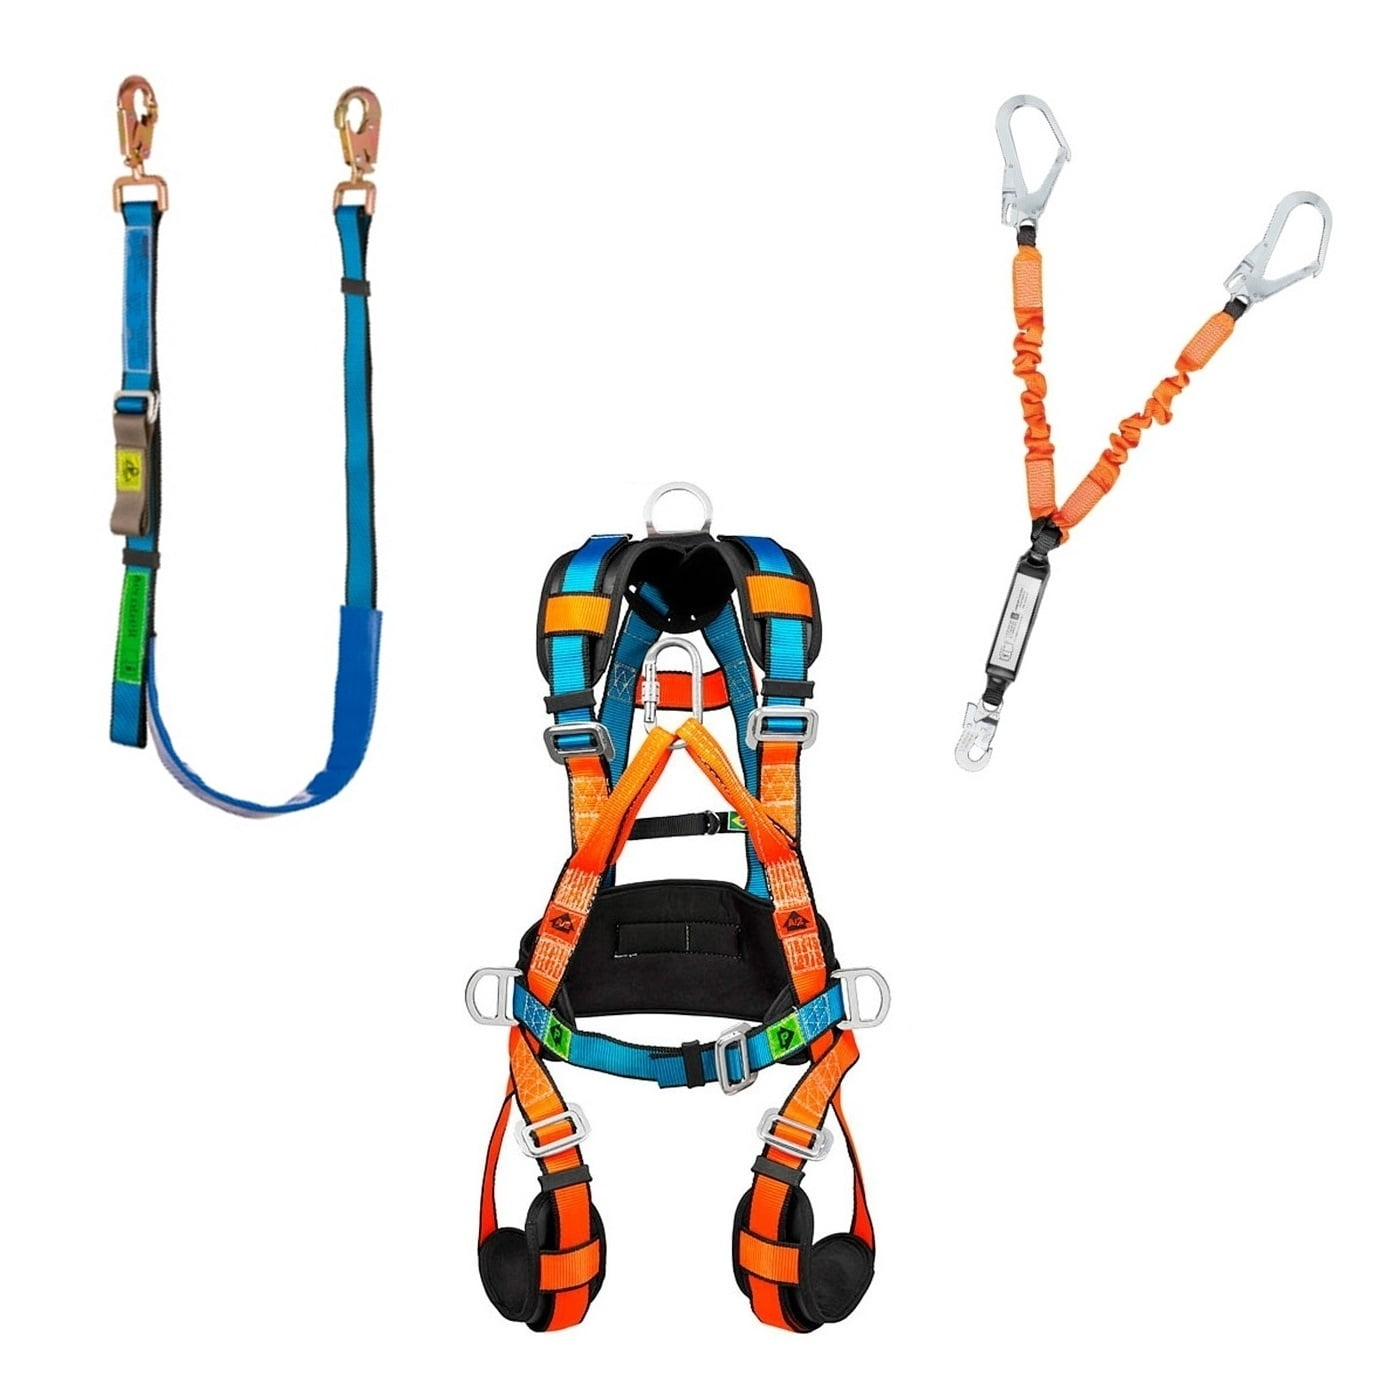 Kit Cinto Cinturão Paraquedista com Talabartes Posicionamento e Ancoragem